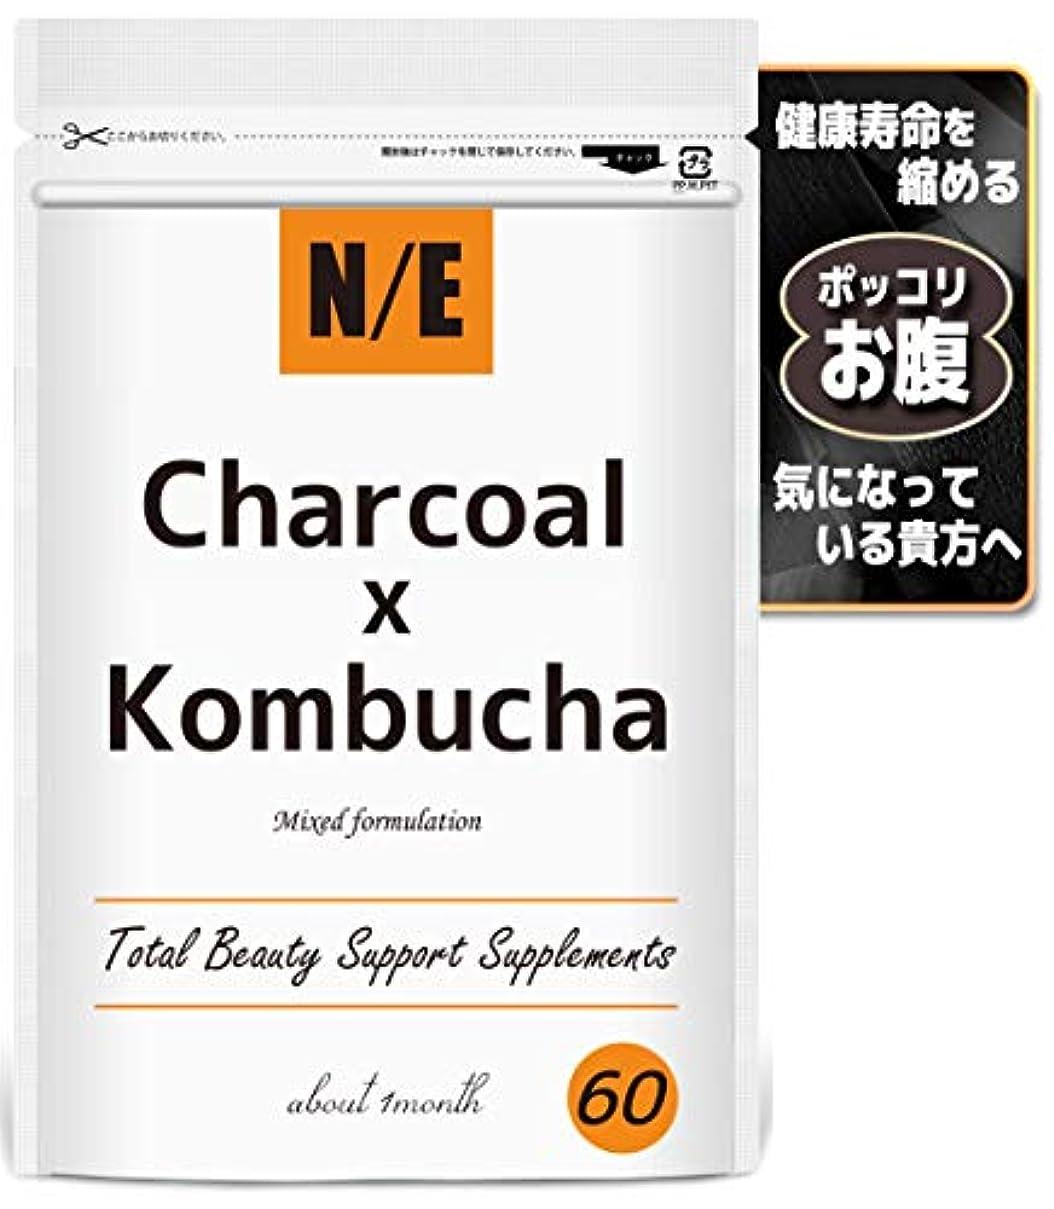 不毛退屈安定しましたCharcoal&Kombucha 炭 コンブチャ チャコール クレンズ ダイエット サプリメント 【60粒約1ヶ月分】